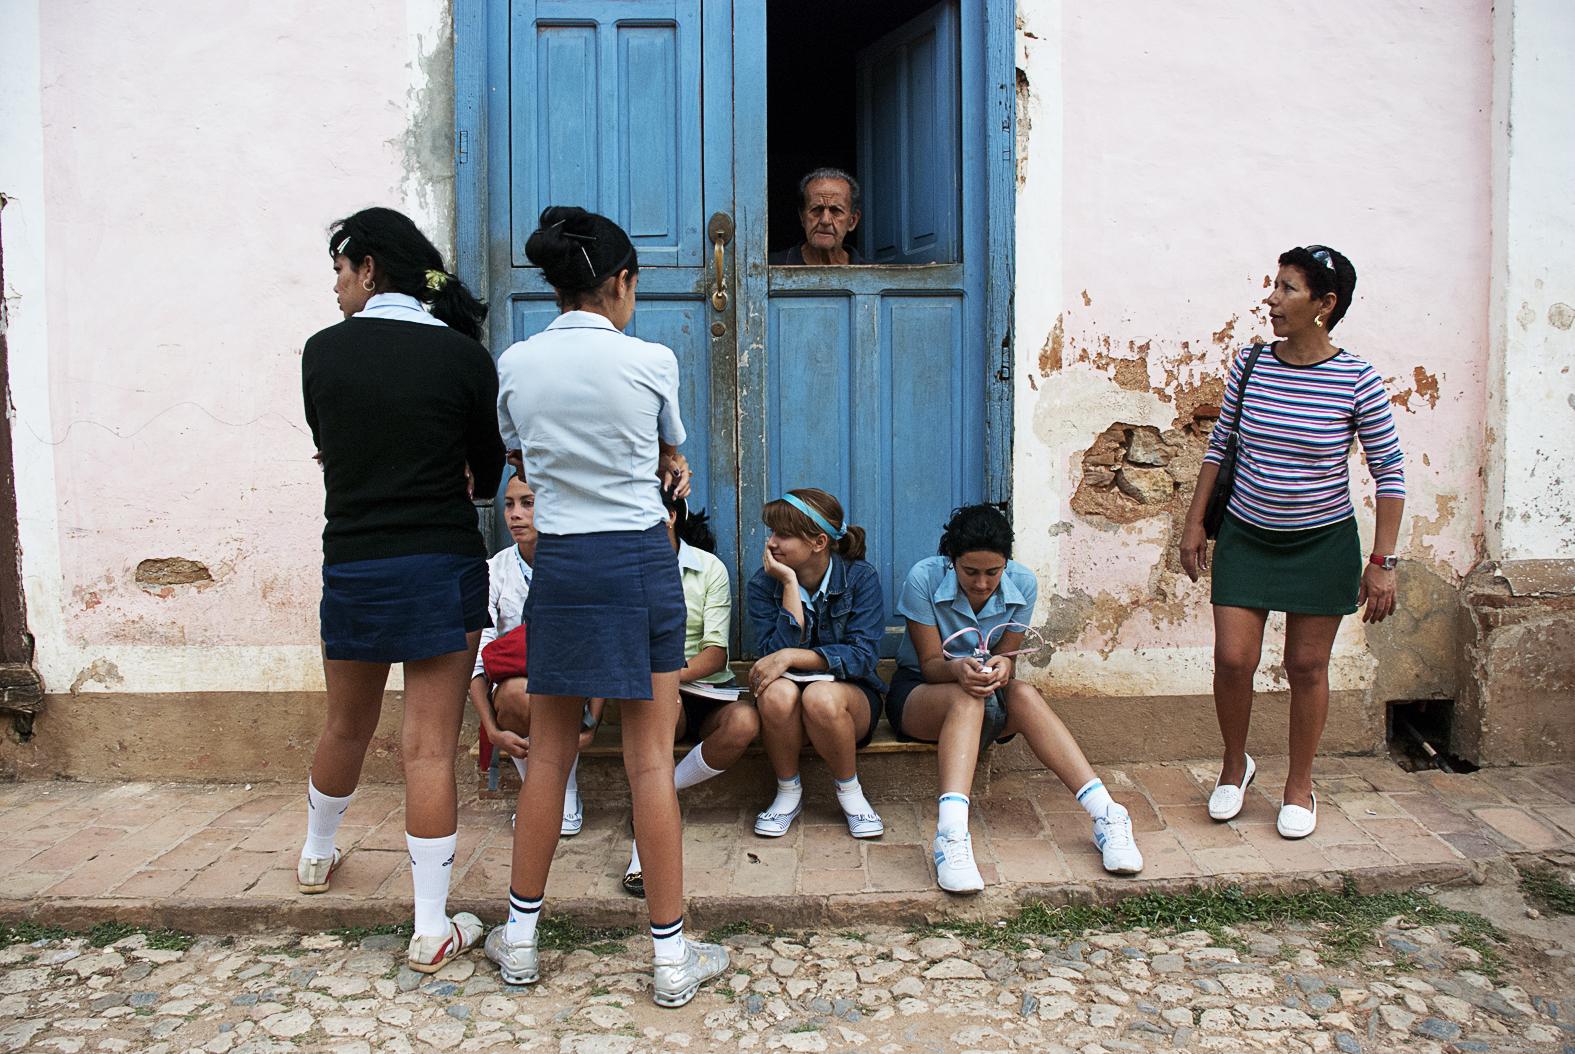 Cuba: Trinidad